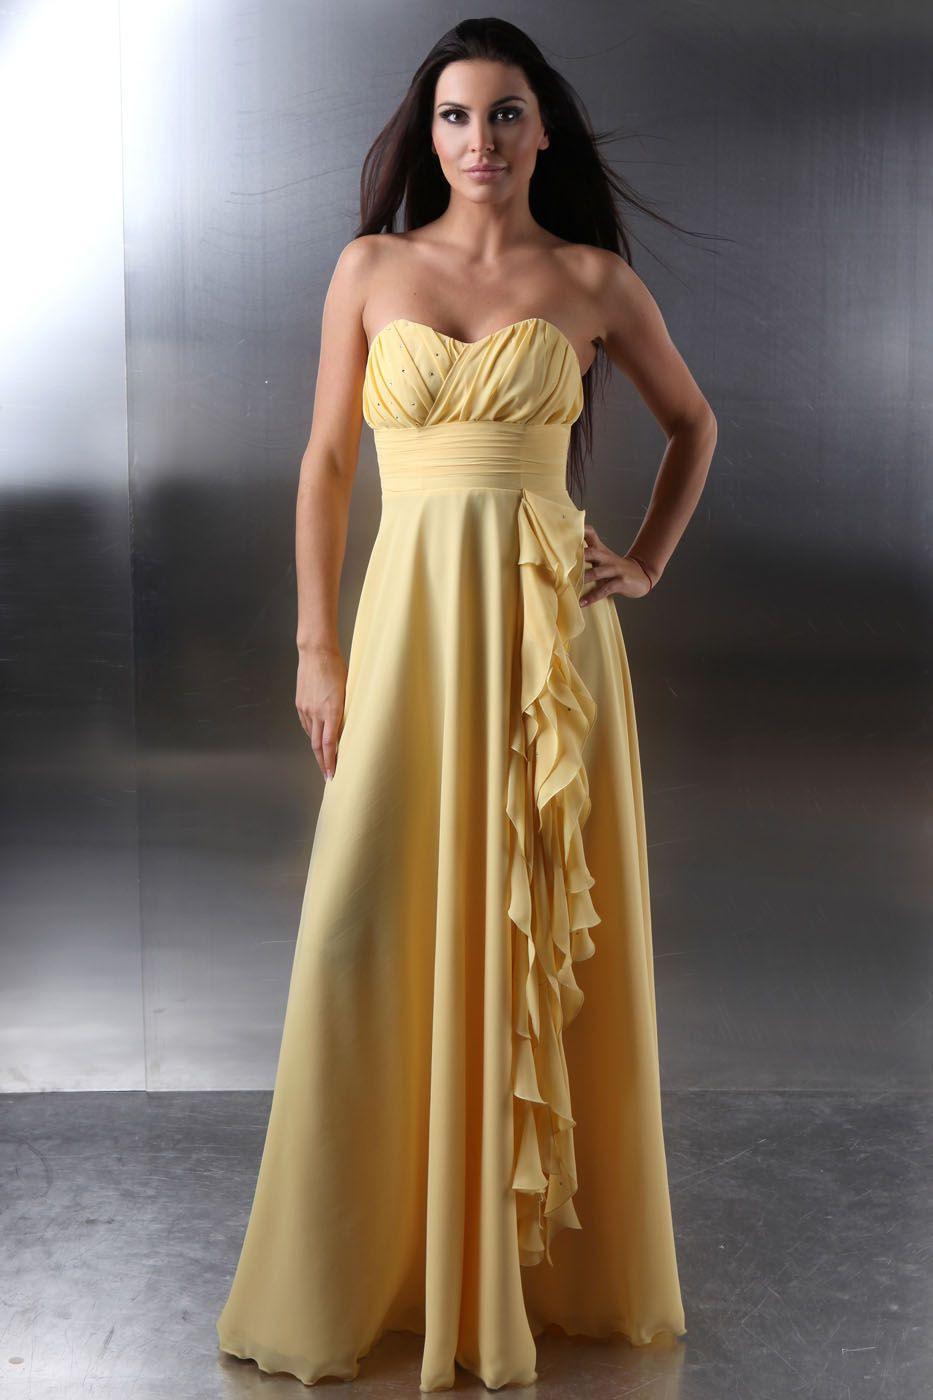 15 Leicht Gelbe Abend Kleider ÄrmelFormal Coolste Gelbe Abend Kleider für 2019